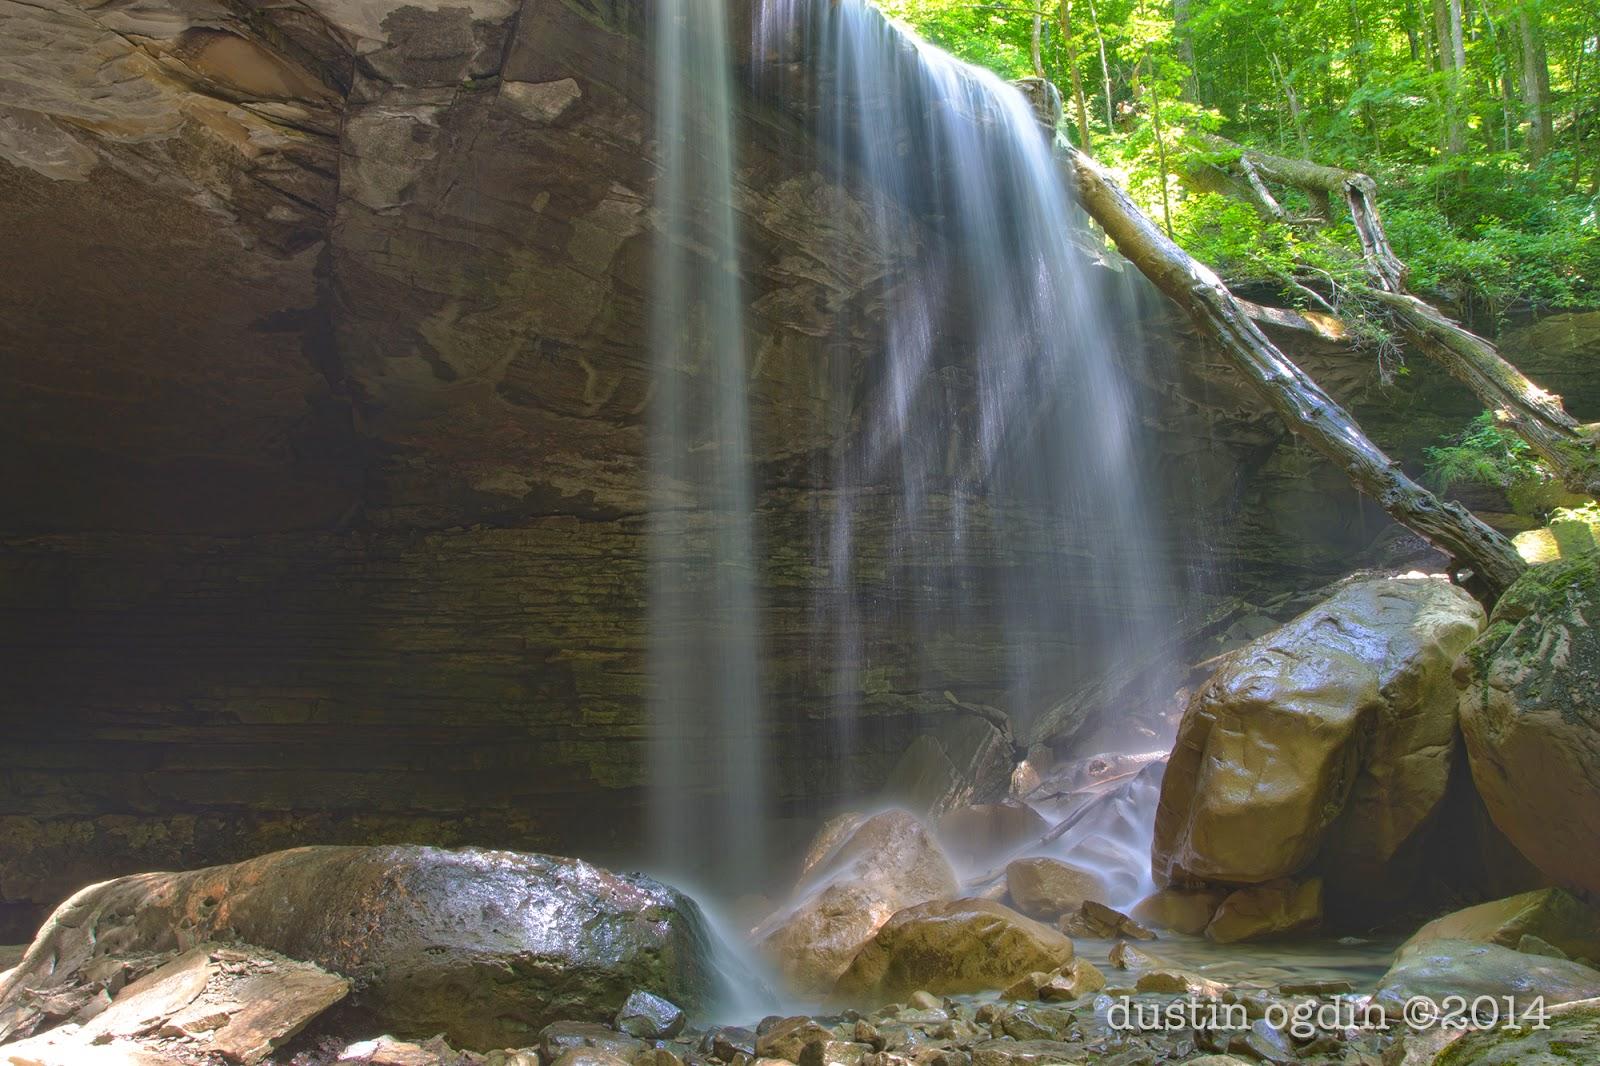 Virgin Falls State Natural Area, Big Laurel Falls